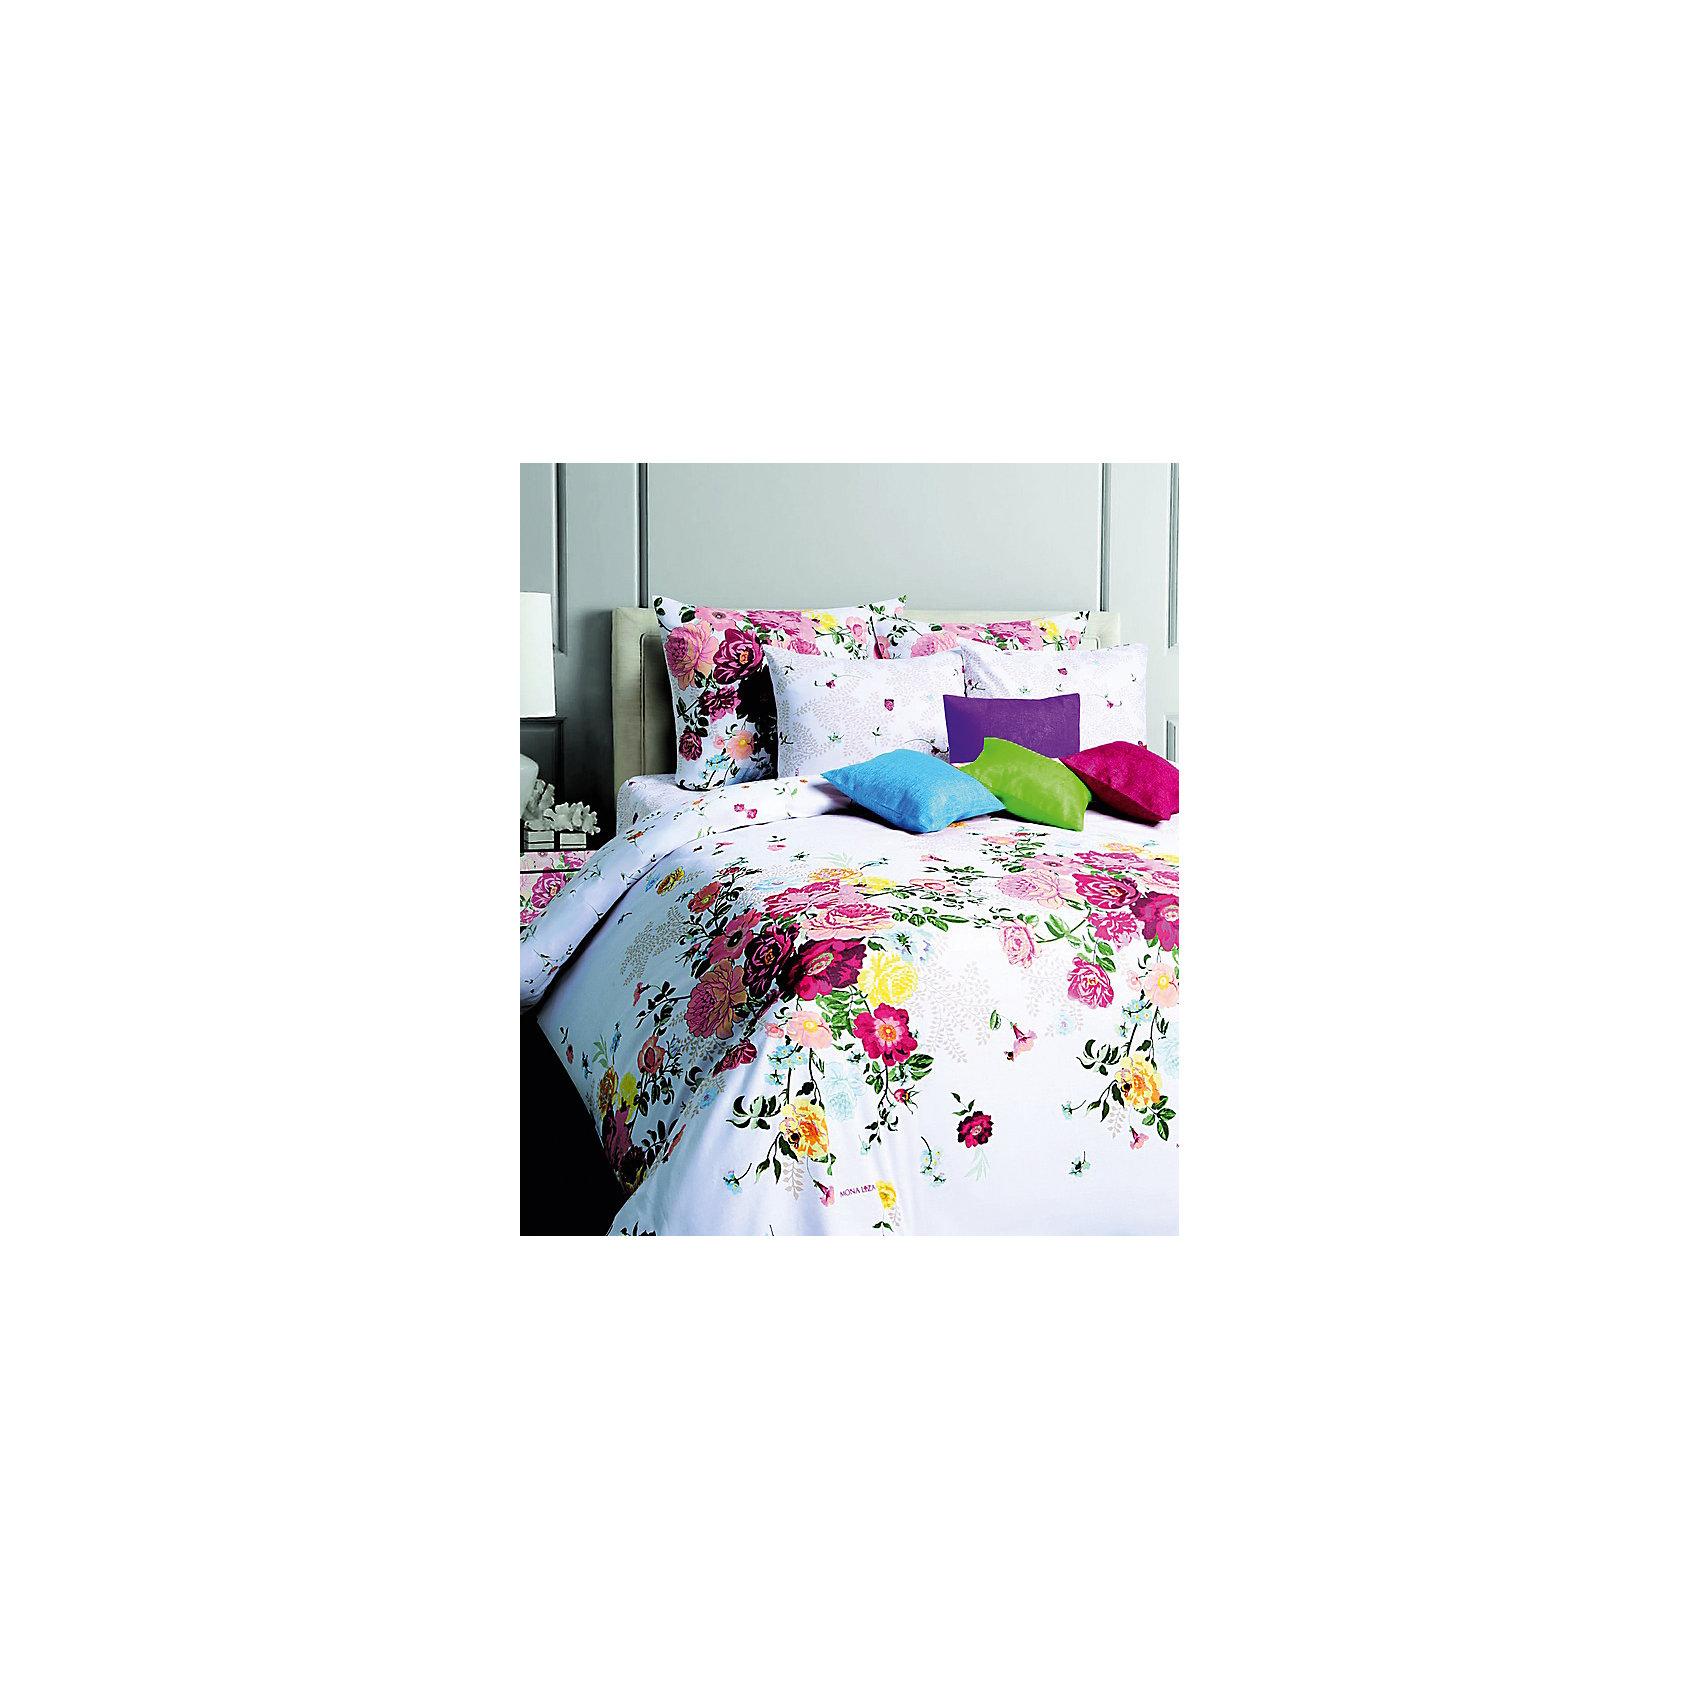 Постельное белье Camelia, 2-спальный, 70*70, Mona LizaДомашний текстиль<br>Характеристики:<br><br>• Вид домашнего текстиля: постельное белье<br>• Тип постельного белья по размерам: 2сп<br>• Серия: Mona Liza Classic<br>• Сезон: круглый год<br>• Материал: бязь <br>• Цвет: белый, желтый, зеленый, красный, голубой<br>• Комплектация: <br> пододеяльник на пуговицах – 1 шт. 175*210 см <br> простынь – 1 шт. 215*240 см<br> наволочки – 2 шт. (70*70 см)<br>• Тип упаковки: книжка <br>• Вес в упаковке: 1 кг 970 г<br>• Особенности ухода: машинная стирка при температуре 30 градусов<br><br>Постельное белье 2сп Camelia 70*70, Mona Liza изготовлено под отечественным торговым брендом, выпускающим постельное белье из натуральных тканей. Комплект выполнен из 100 % бязи, отличающейся высокими характеристиками не только прочности самого полотна, но и устойчивости окраски, которая выполняется по особой технологии. Комплектсостоит из 4-х предметов. Постельное белье выполнено в стильном дизайне с рисунком из роз на белом фоне. <br>Постельное белье 2сп Camelia 70*70, Mona Liza – домашний текстиль, соответствующий международным стандартам качества и безопасности!<br><br>Постельное белье 2сп Camelia 70*70, Mona Liza можно купить в нашем интернет-магазине.<br><br>Ширина мм: 290<br>Глубина мм: 80<br>Высота мм: 370<br>Вес г: 2300<br>Возраст от месяцев: 84<br>Возраст до месяцев: 1188<br>Пол: Женский<br>Возраст: Детский<br>SKU: 5165685